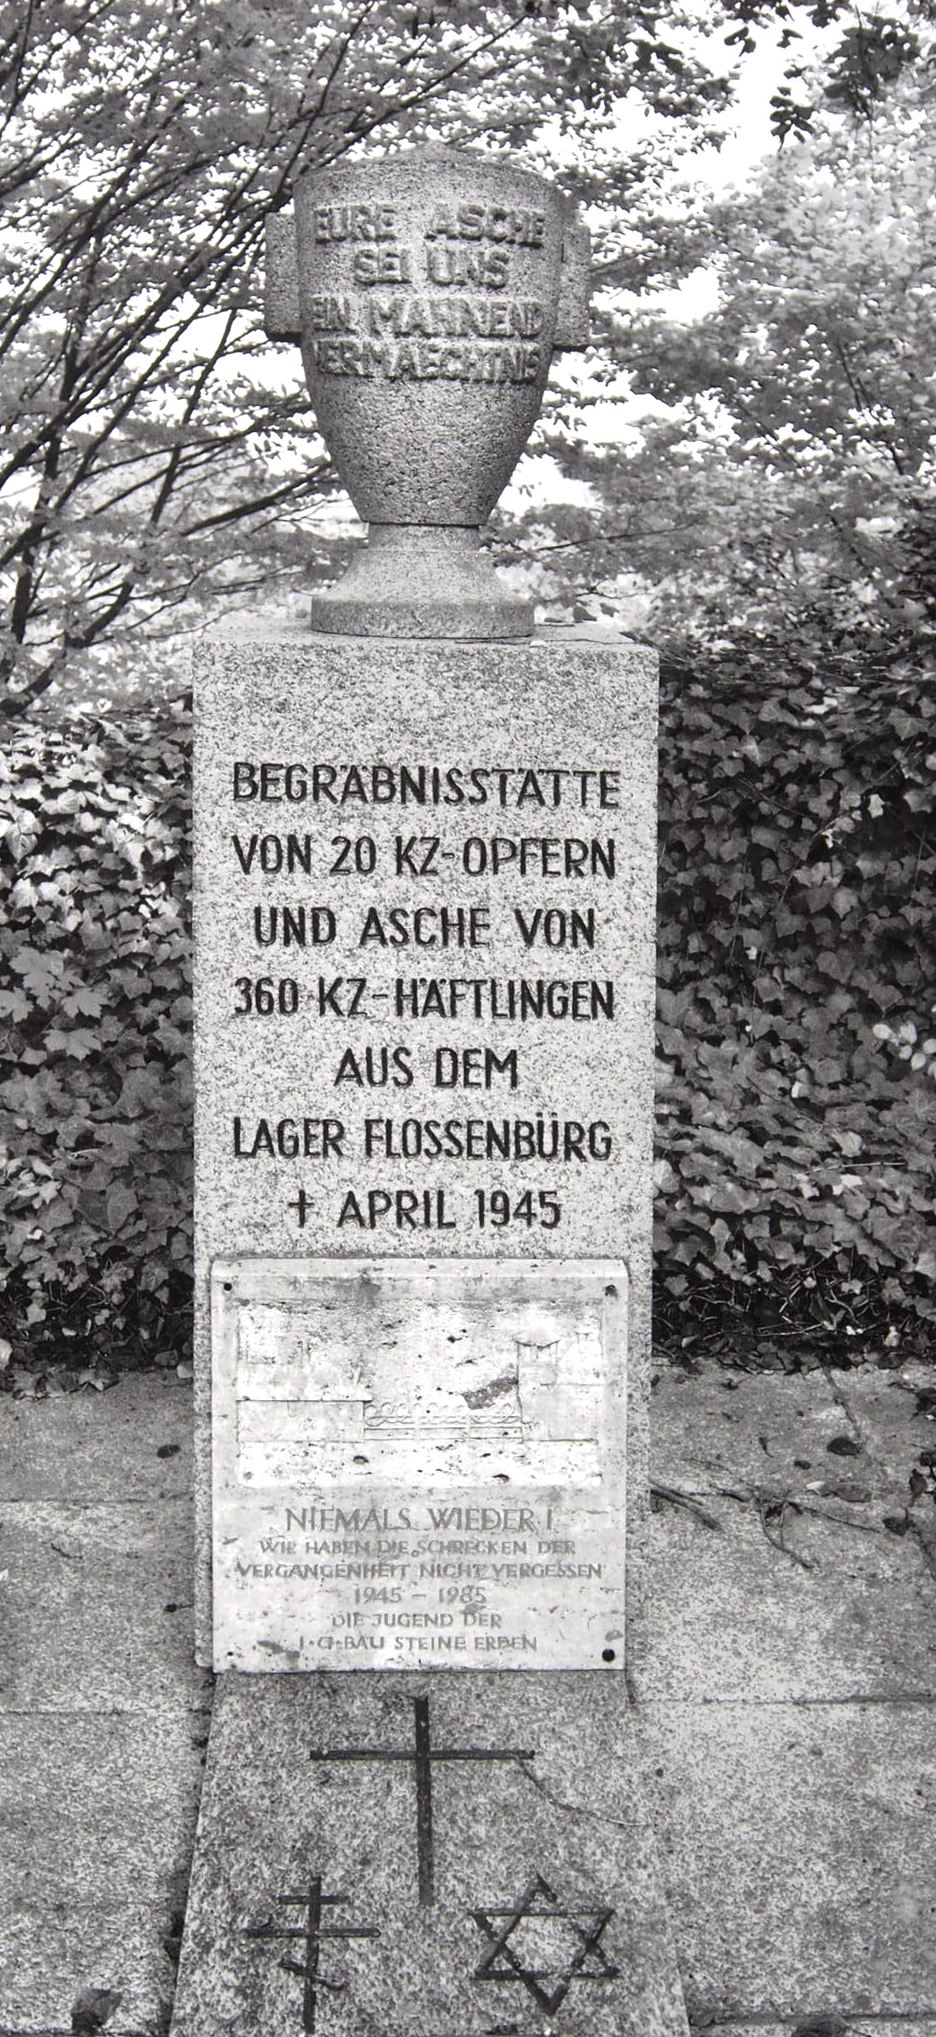 Mahnmal im Waldfriedhof ohne Nennung des KZ-Außenlagers Saal. Foto: Stiftung Bay. Gedenkstätten